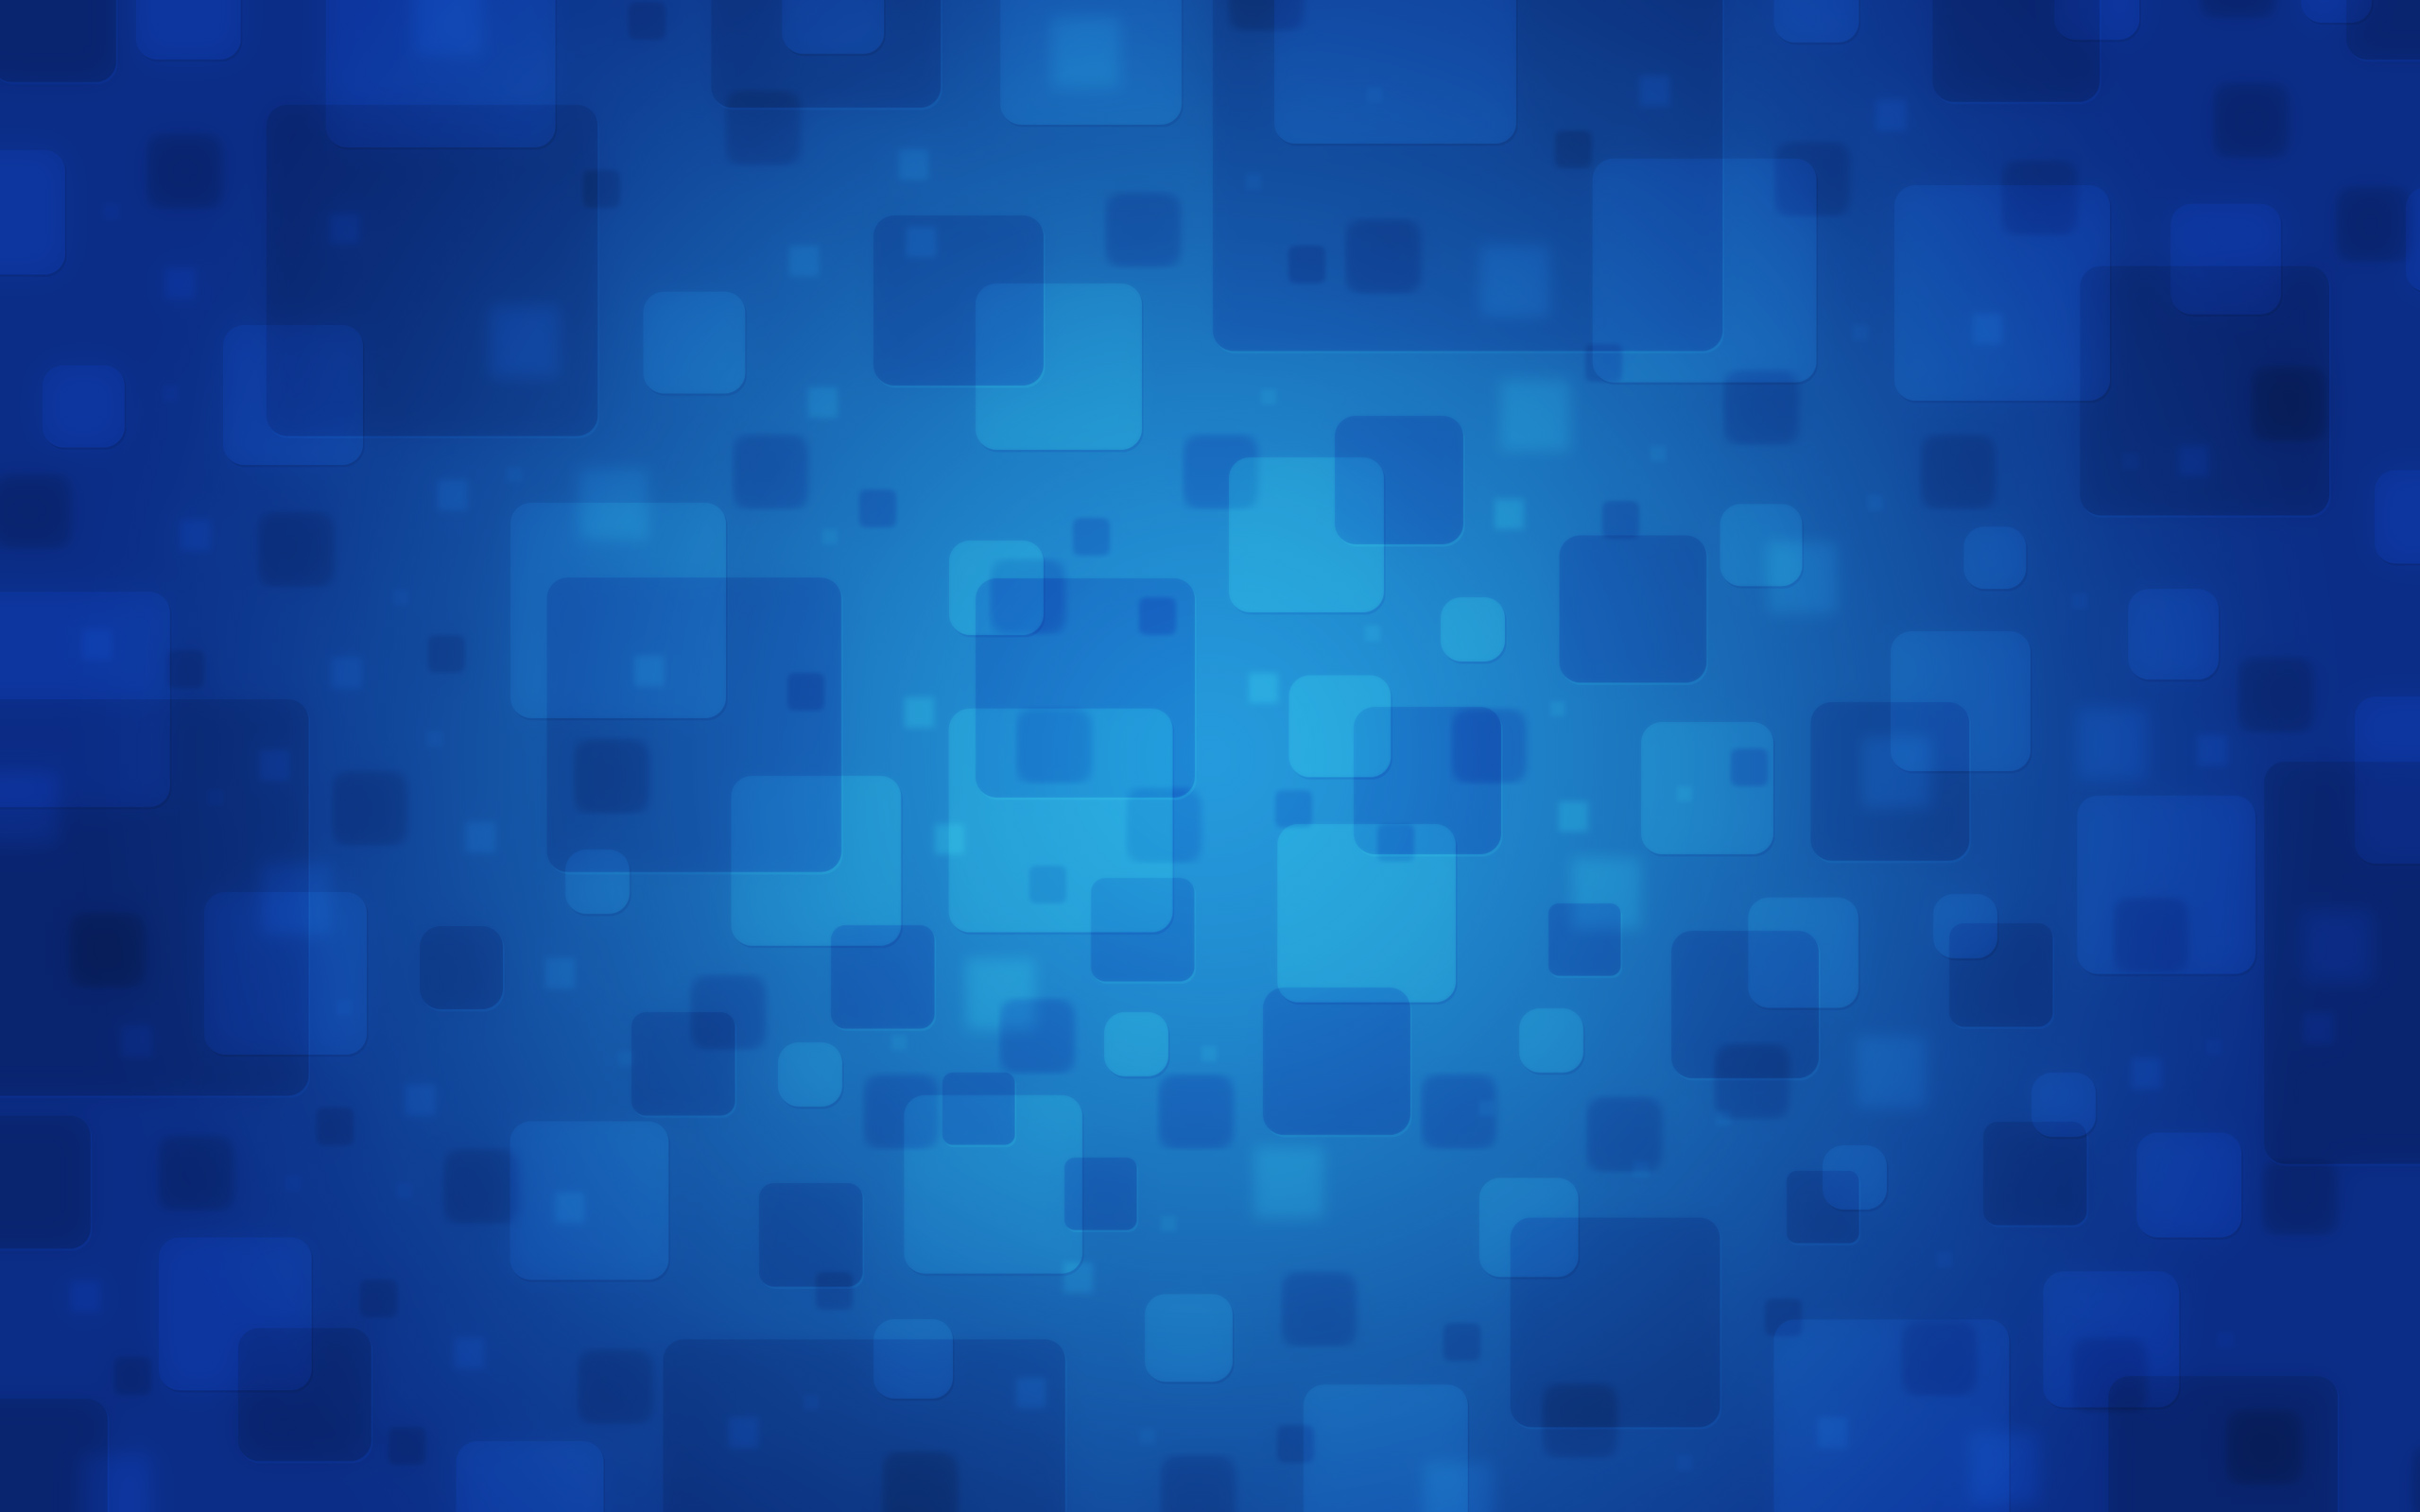 Art Blue Wallpaper